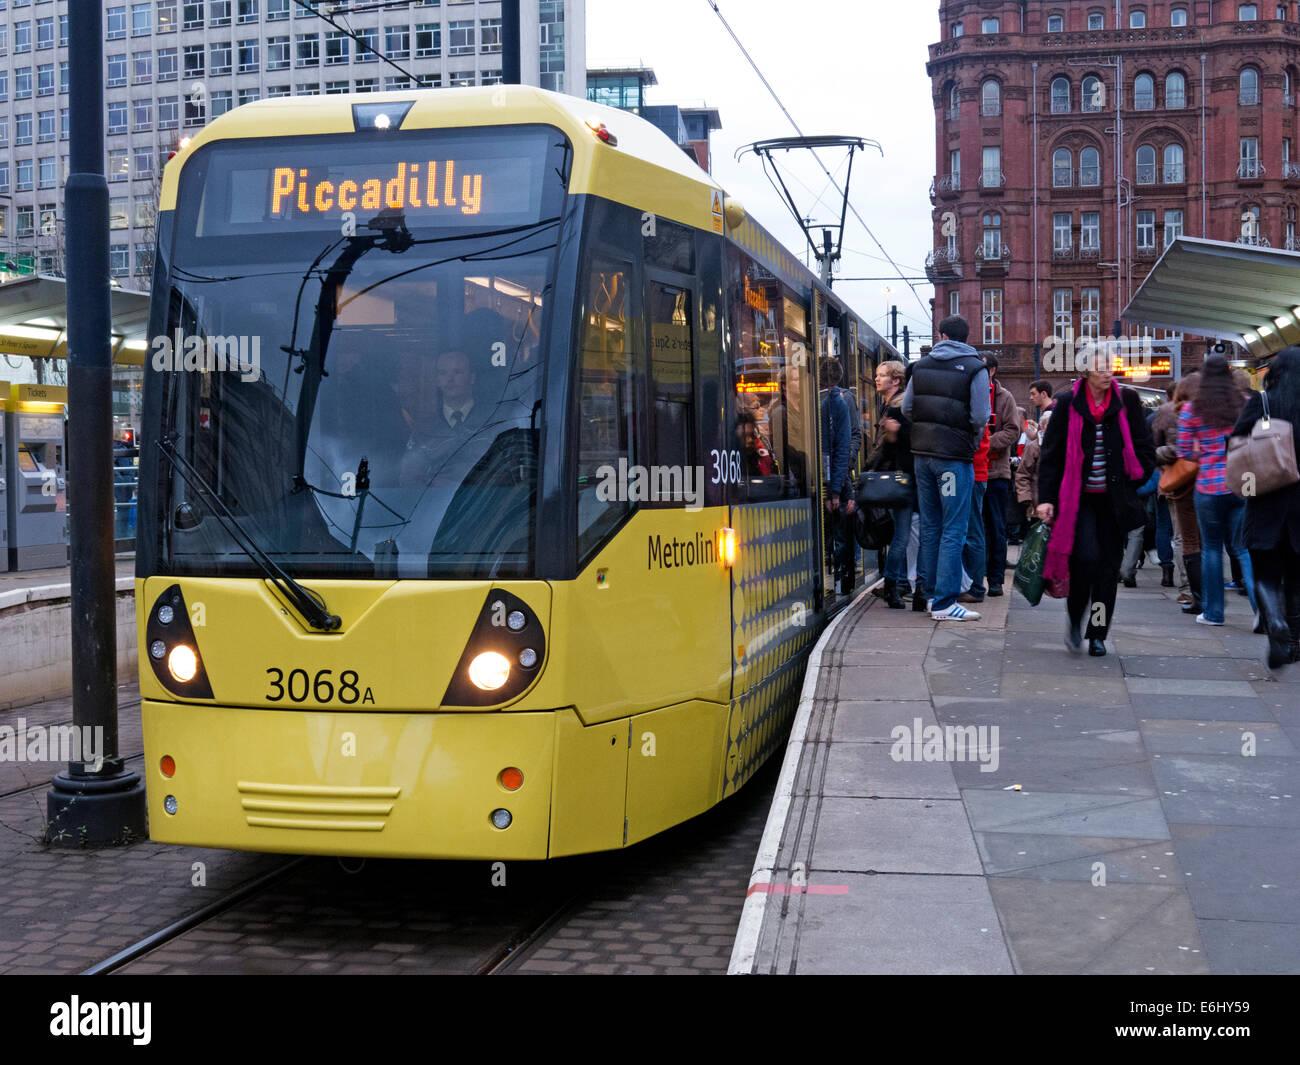 Laden Sie dieses Alamy Stockfoto Gelbe Manchester Straßenbahnen in der Abenddämmerung, England, UK - E6HY59